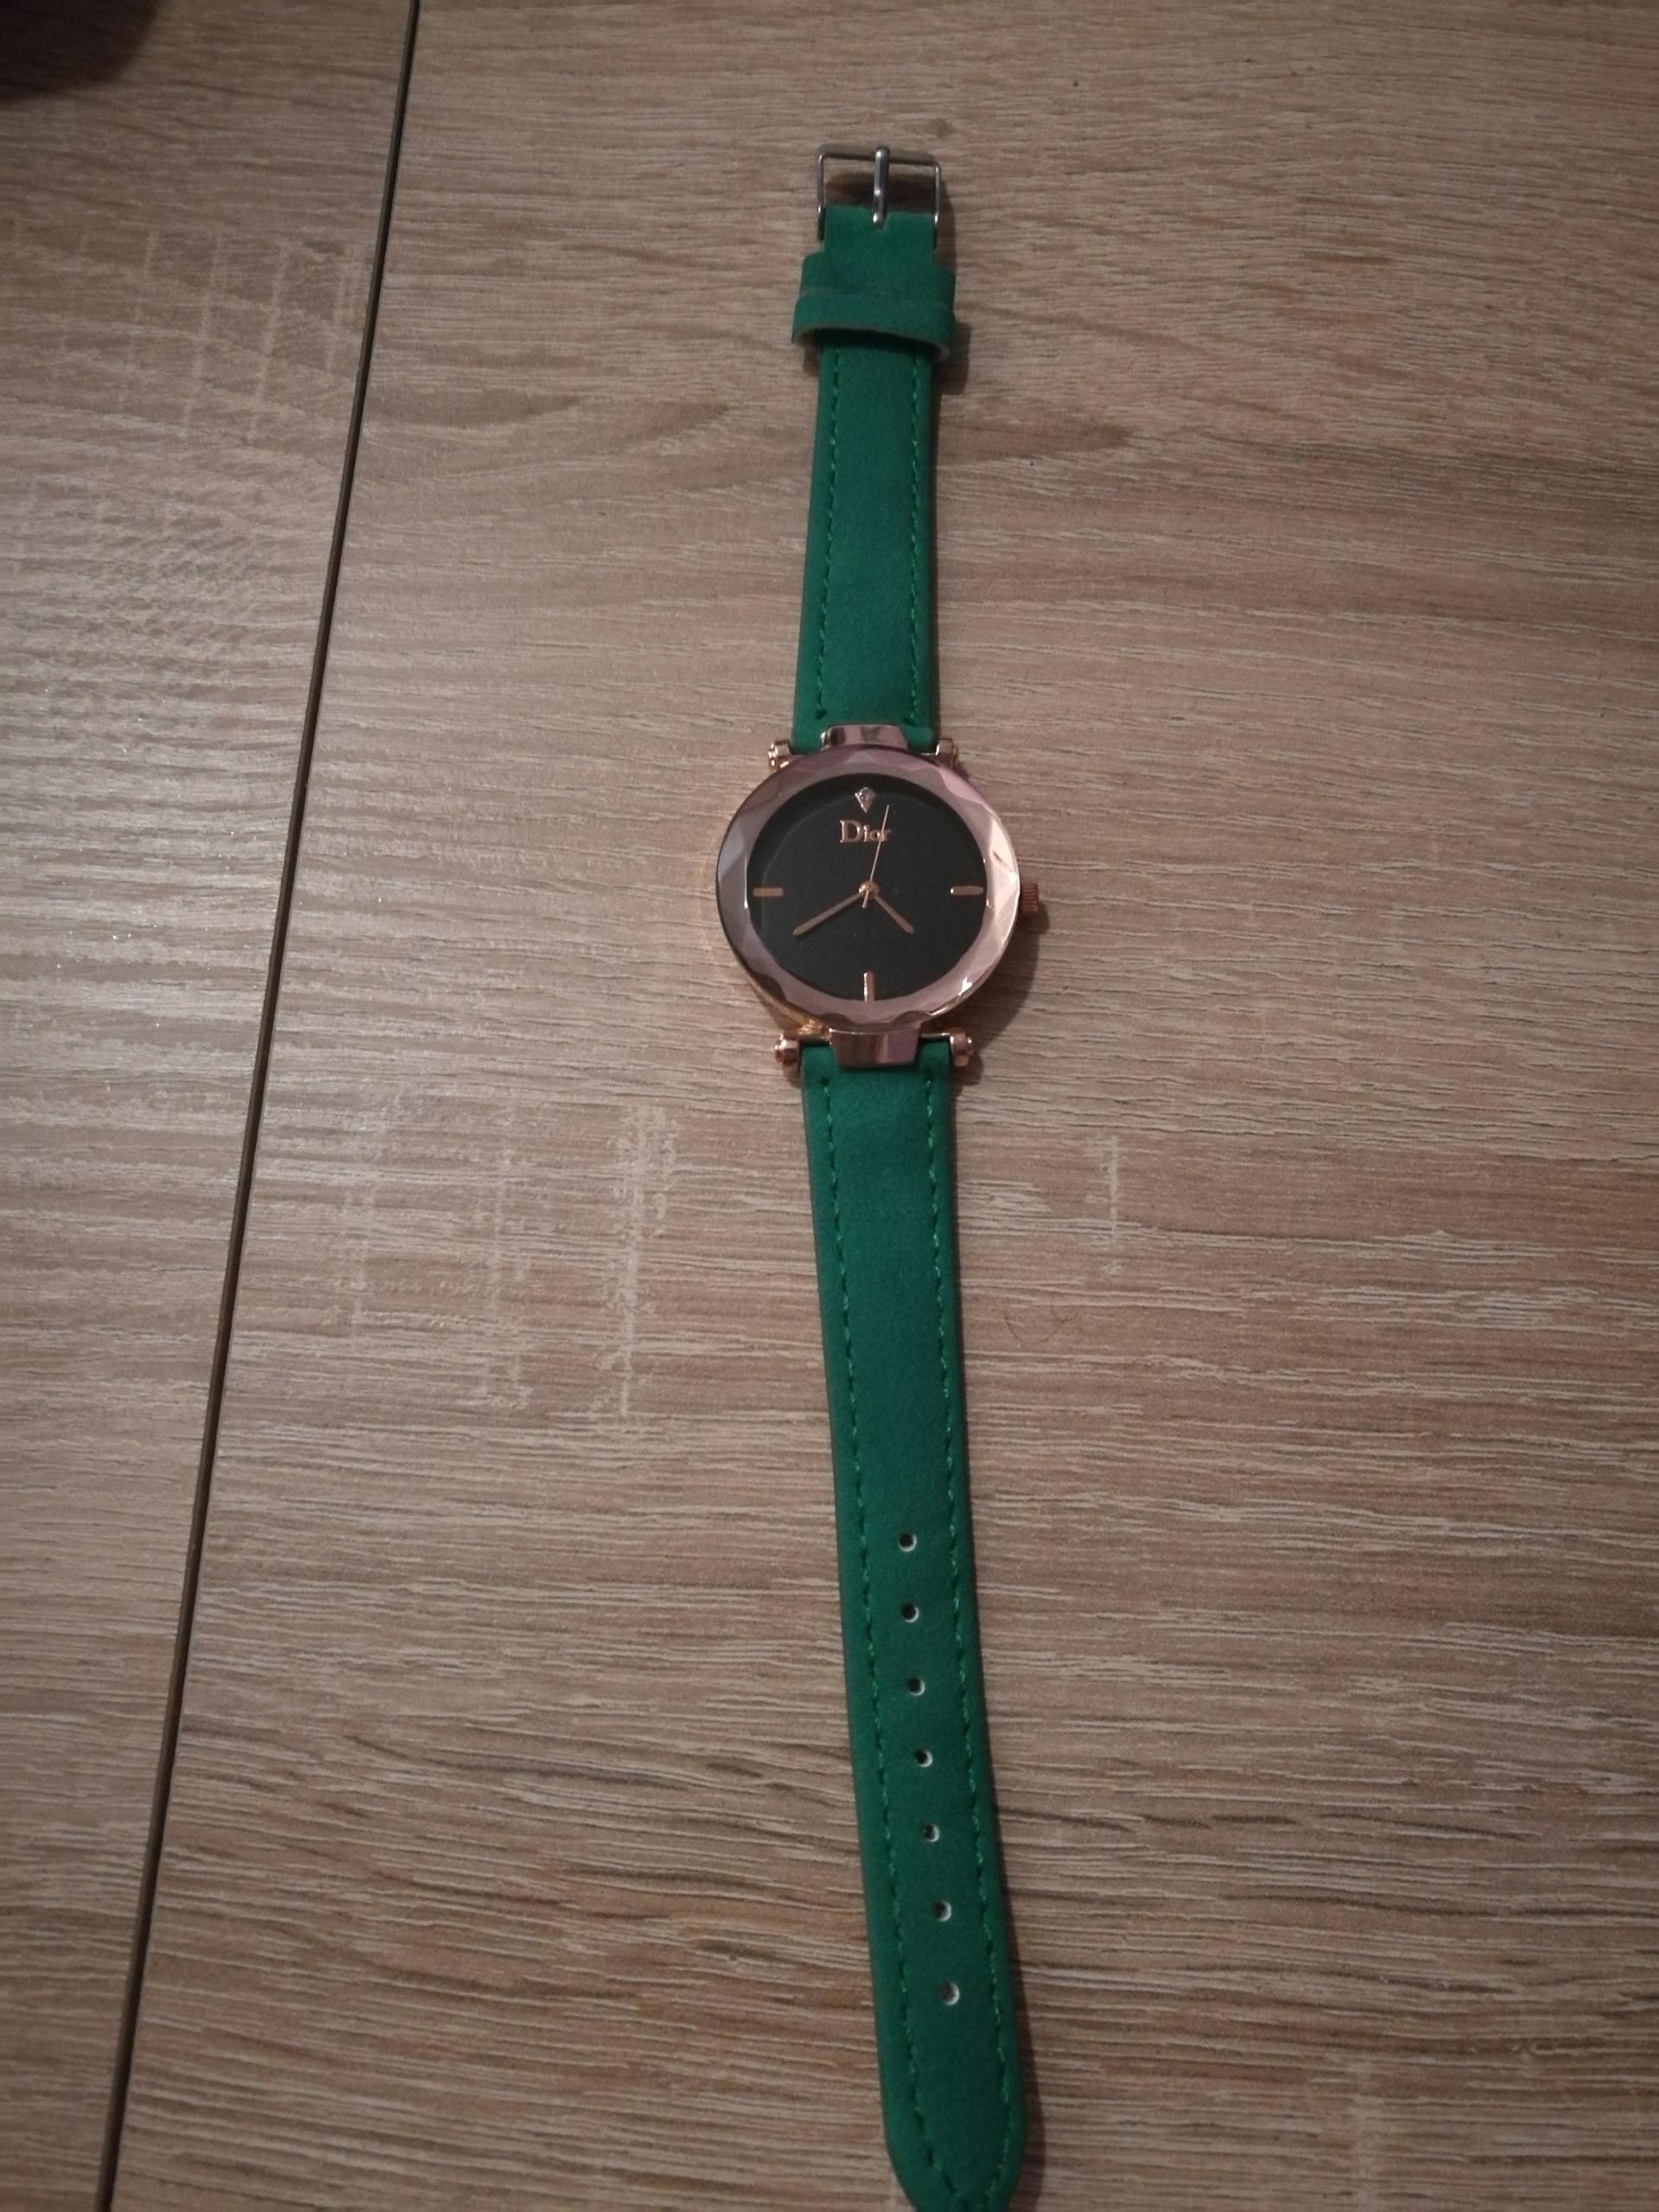 Zegarek Damski Dior Zieleń